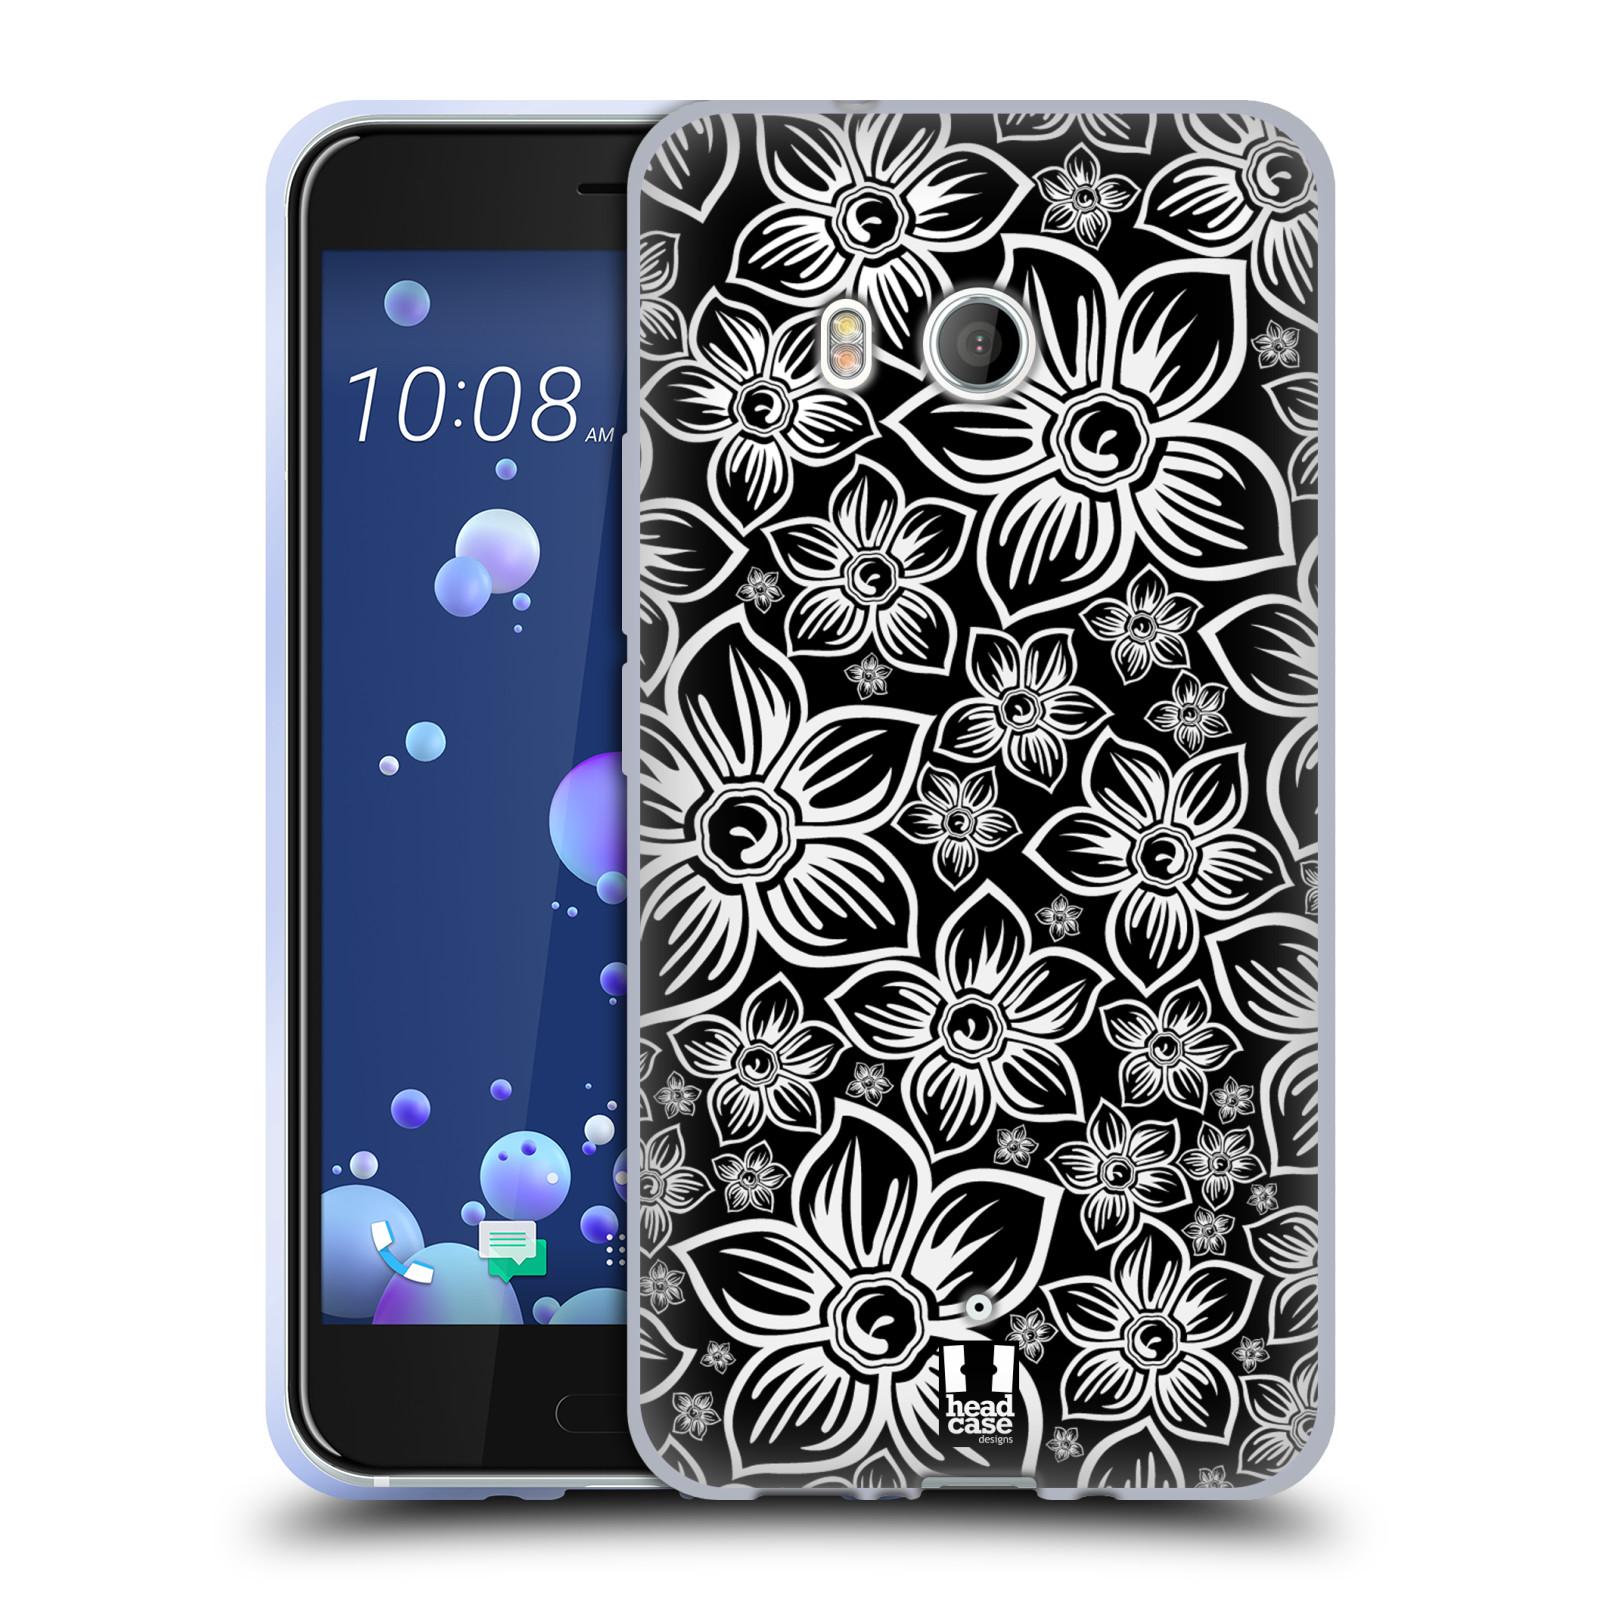 Silikonové pouzdro na mobil HTC U11 - Head Case - FLORAL DAISY